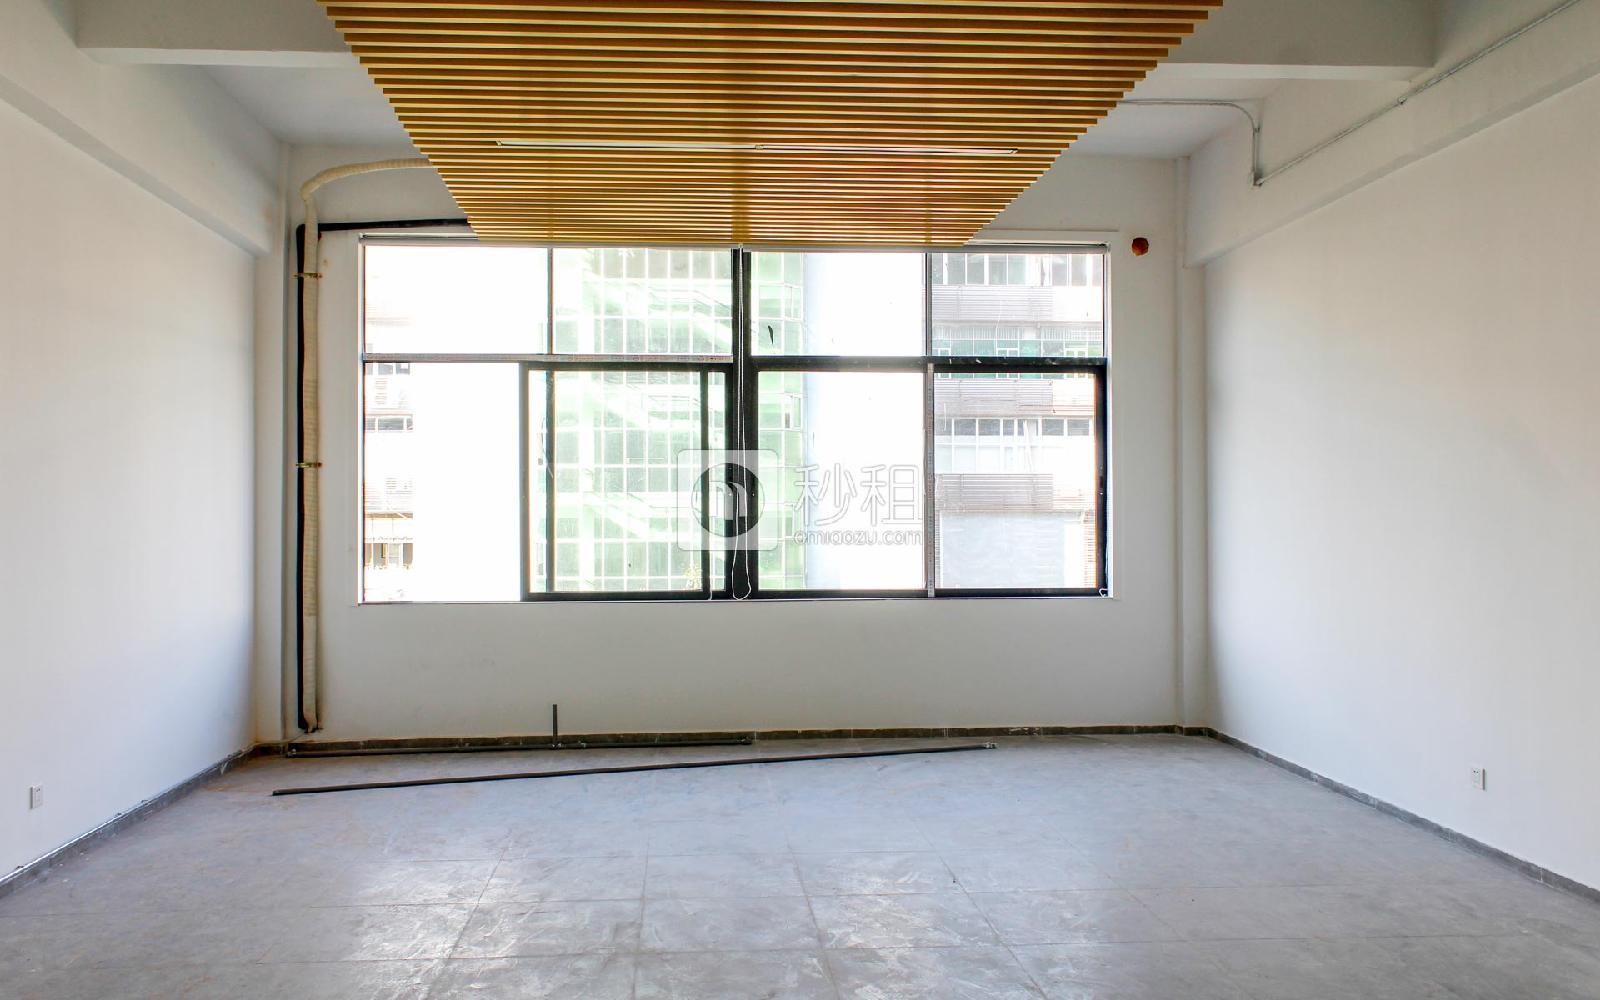 八卦岭工业区-星云众创空间写字楼出租64平米精装办公室80元/m².月